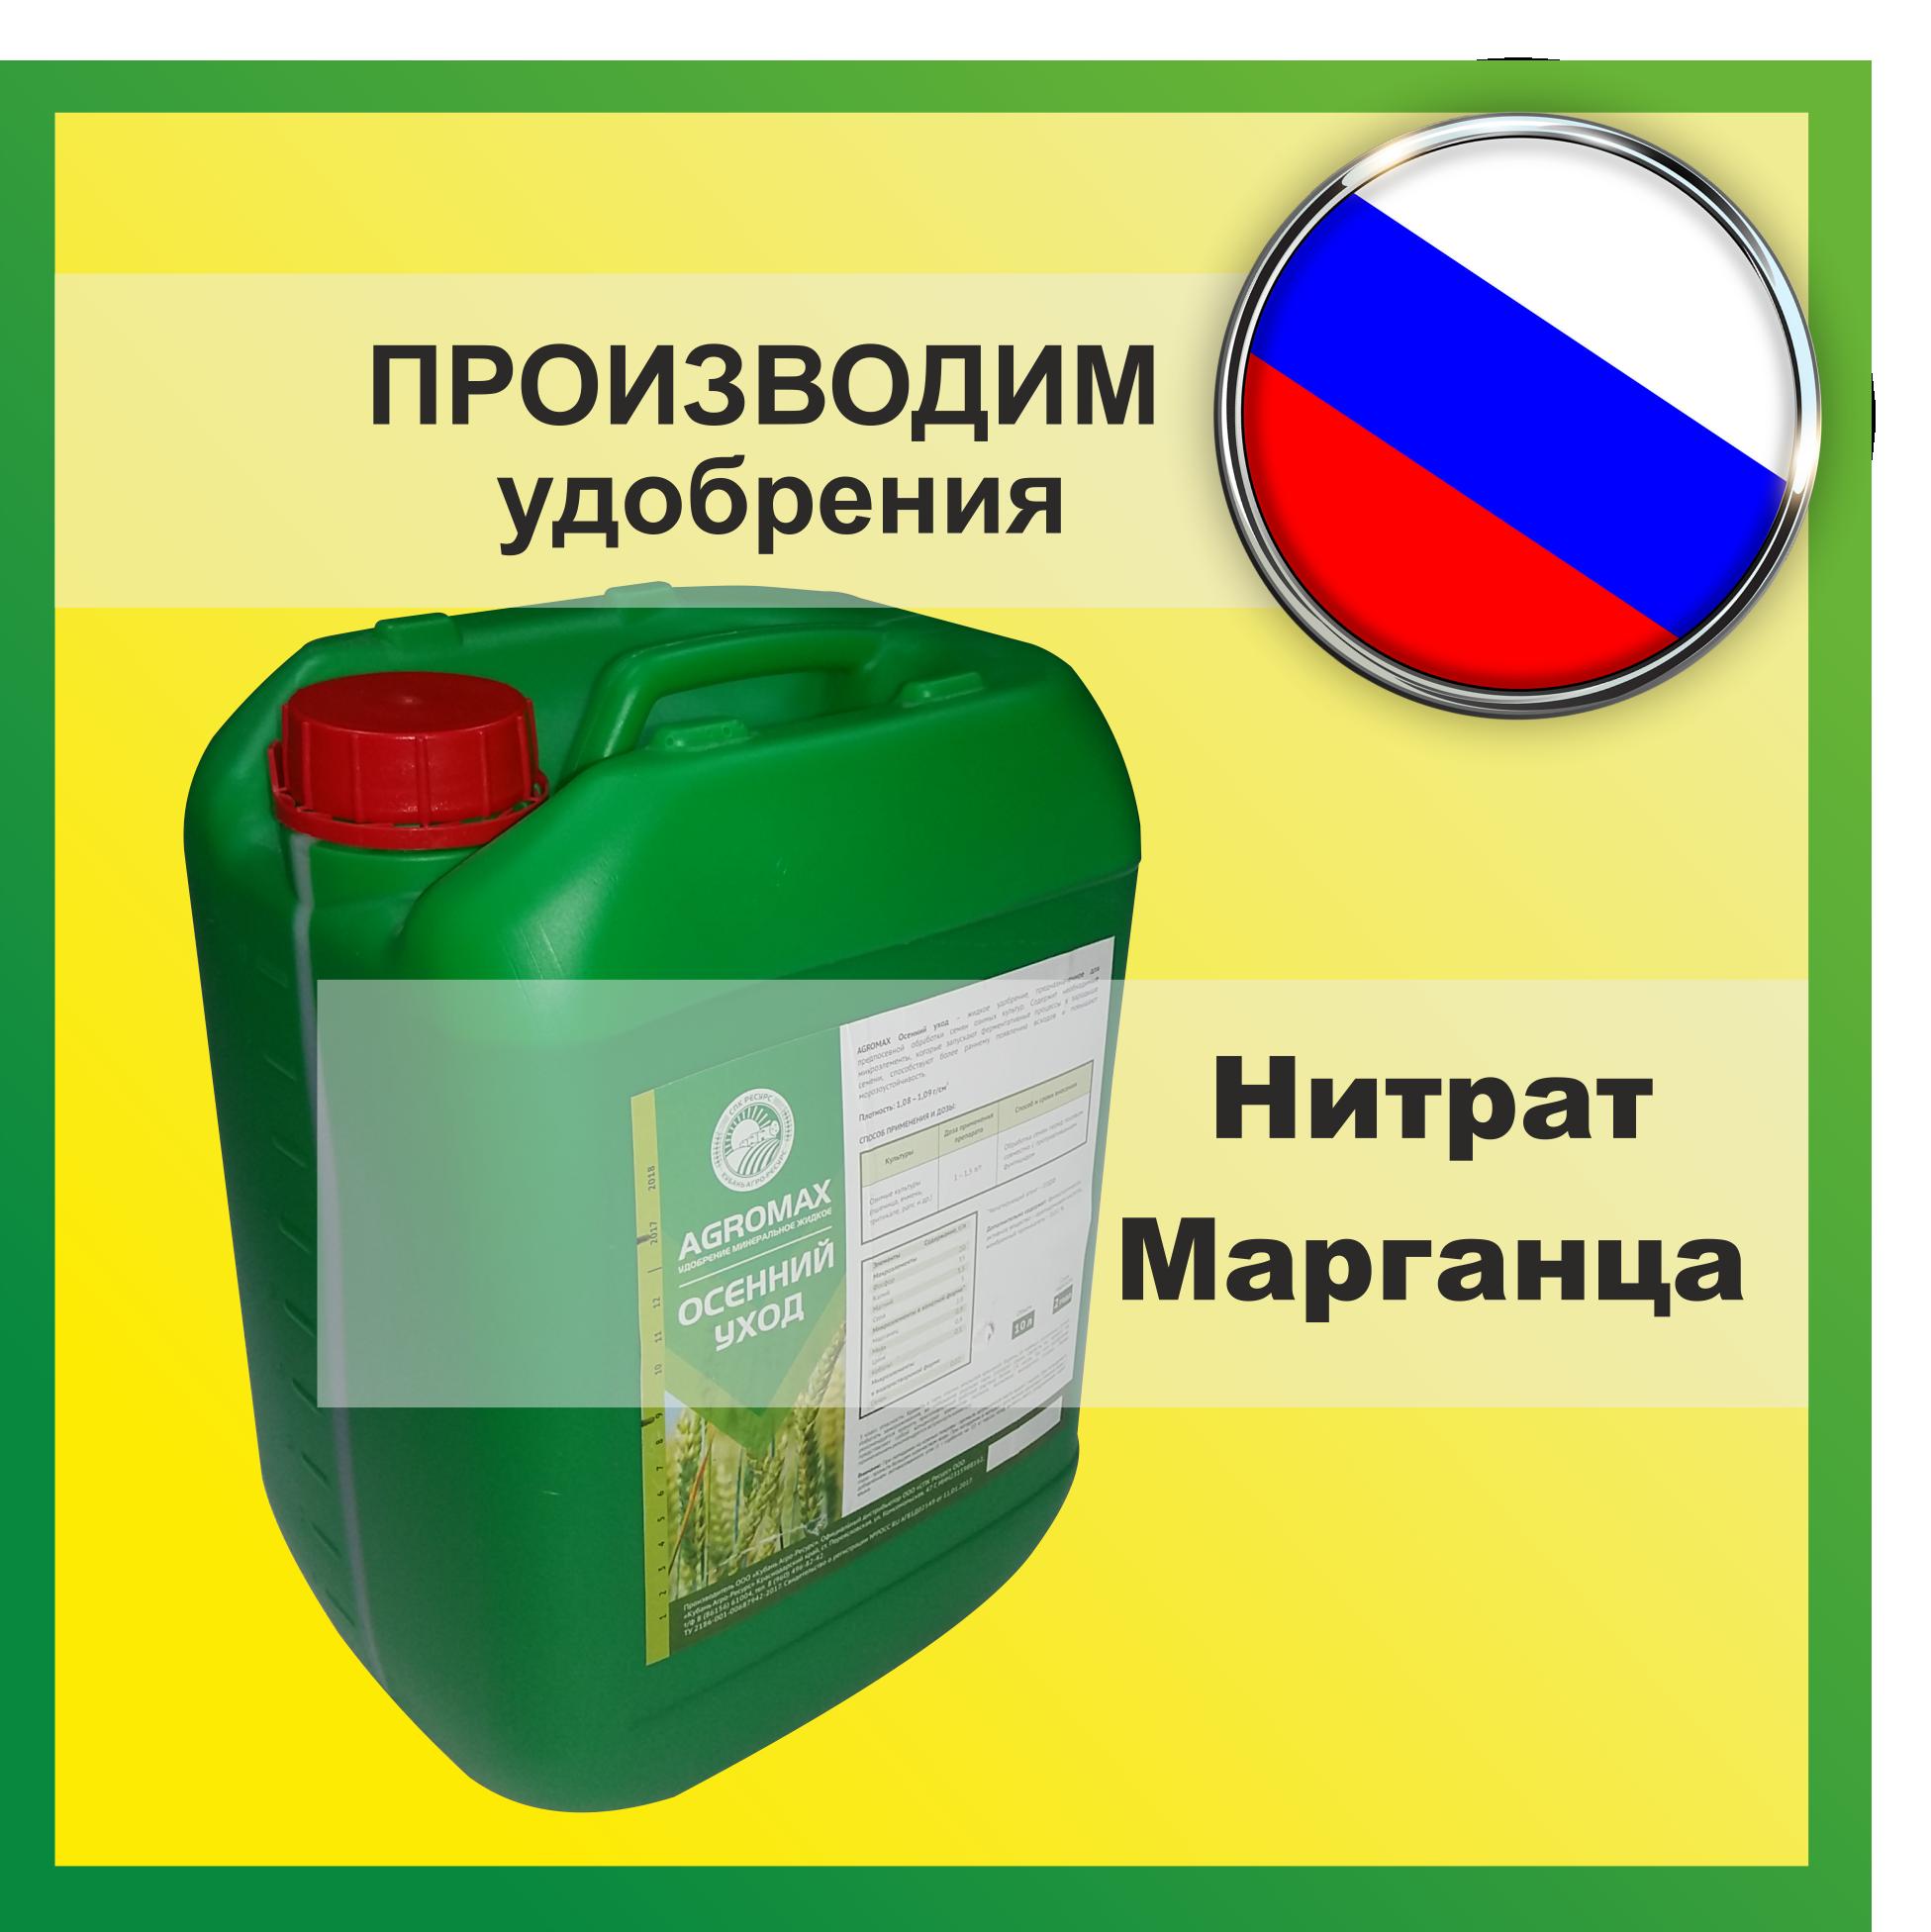 Nitrat-Margantsa-udobrenie-agromaks-1-1